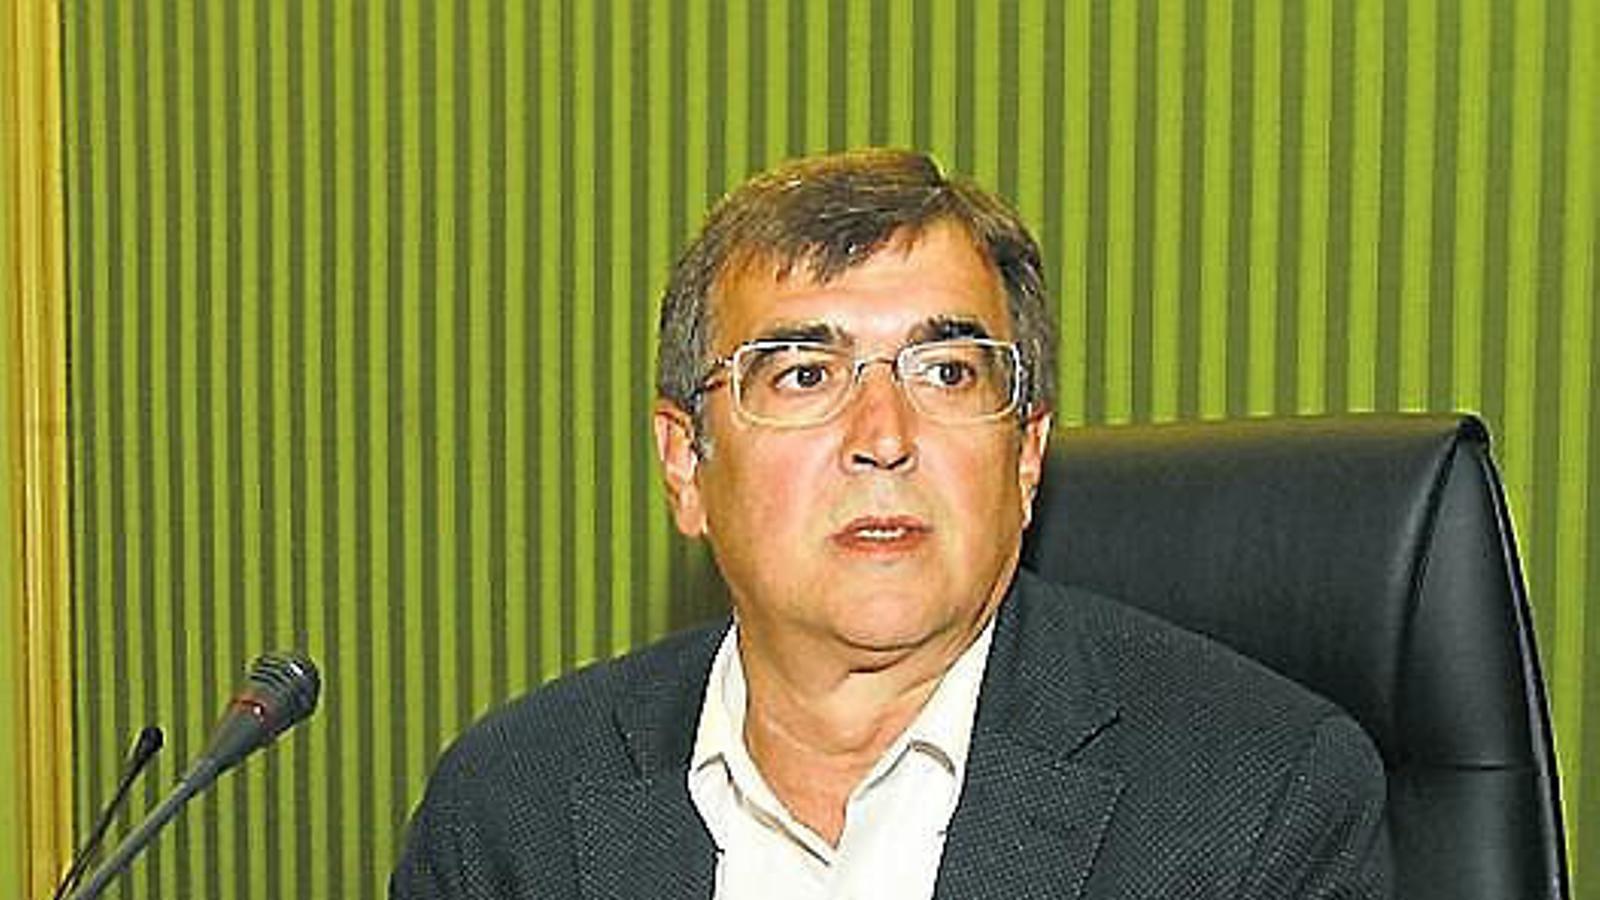 El senador socialista, Francesc Antich, va evitar votar el 155.